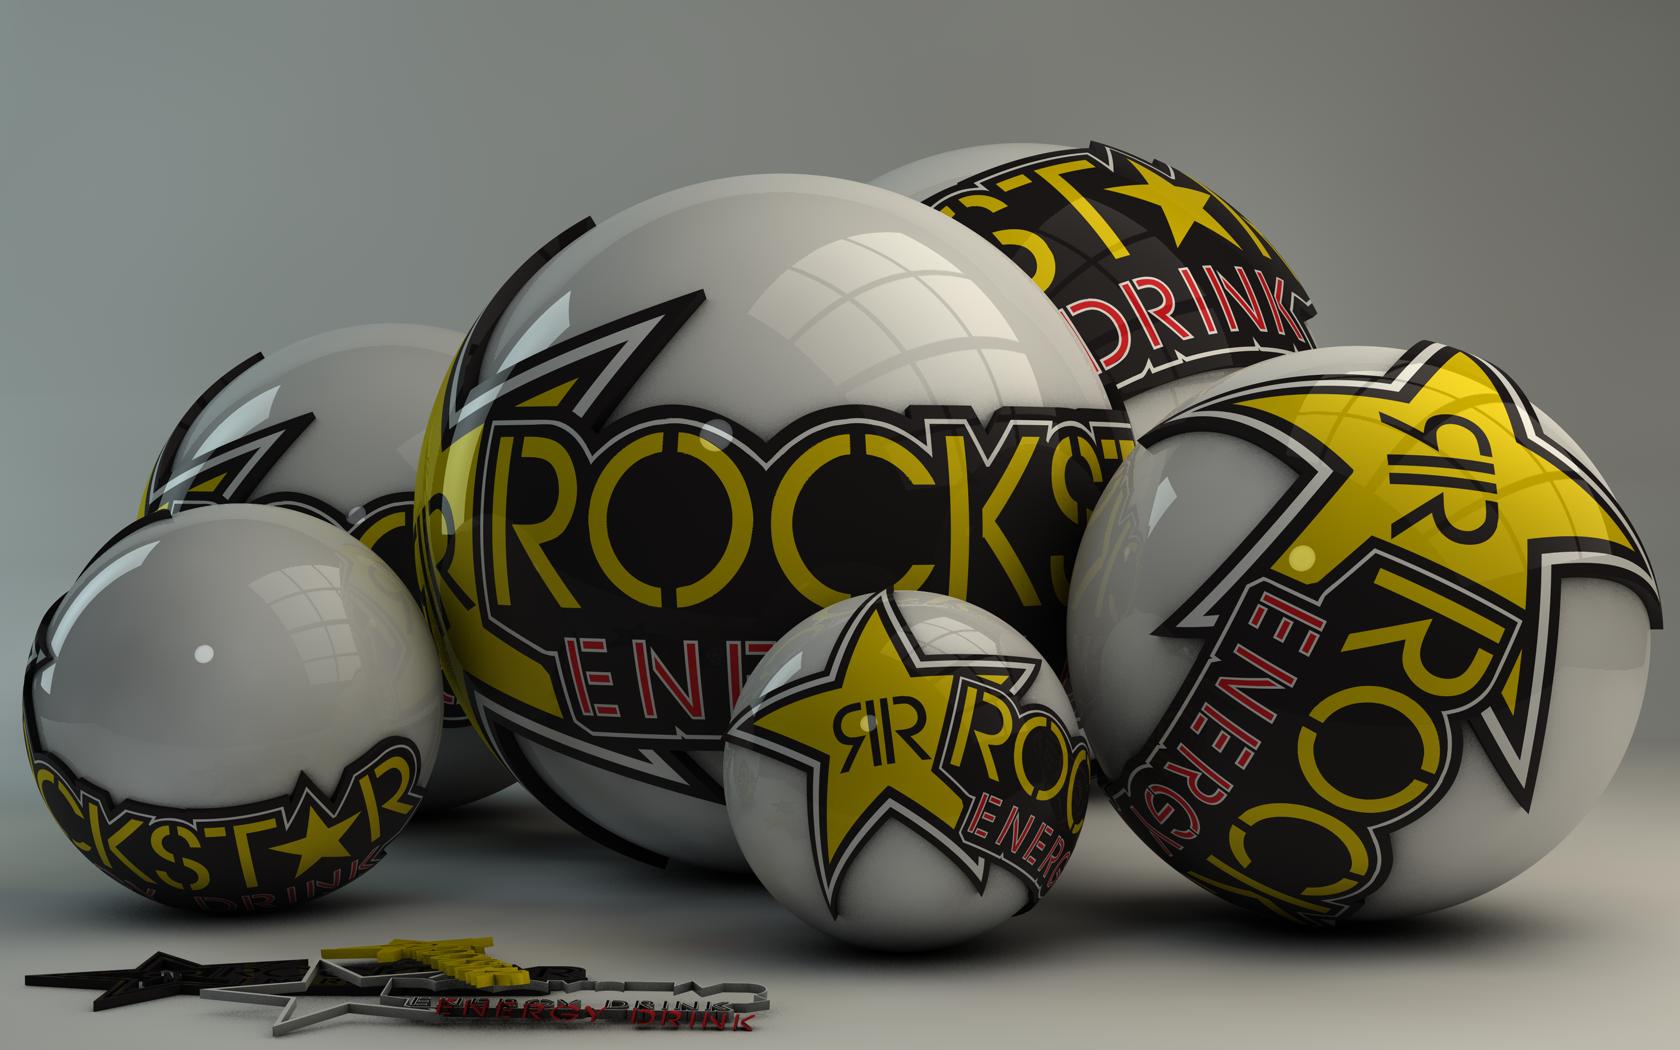 Rockstar Energy Drink Logo Balls by Dracu Teufel666 1680x1050